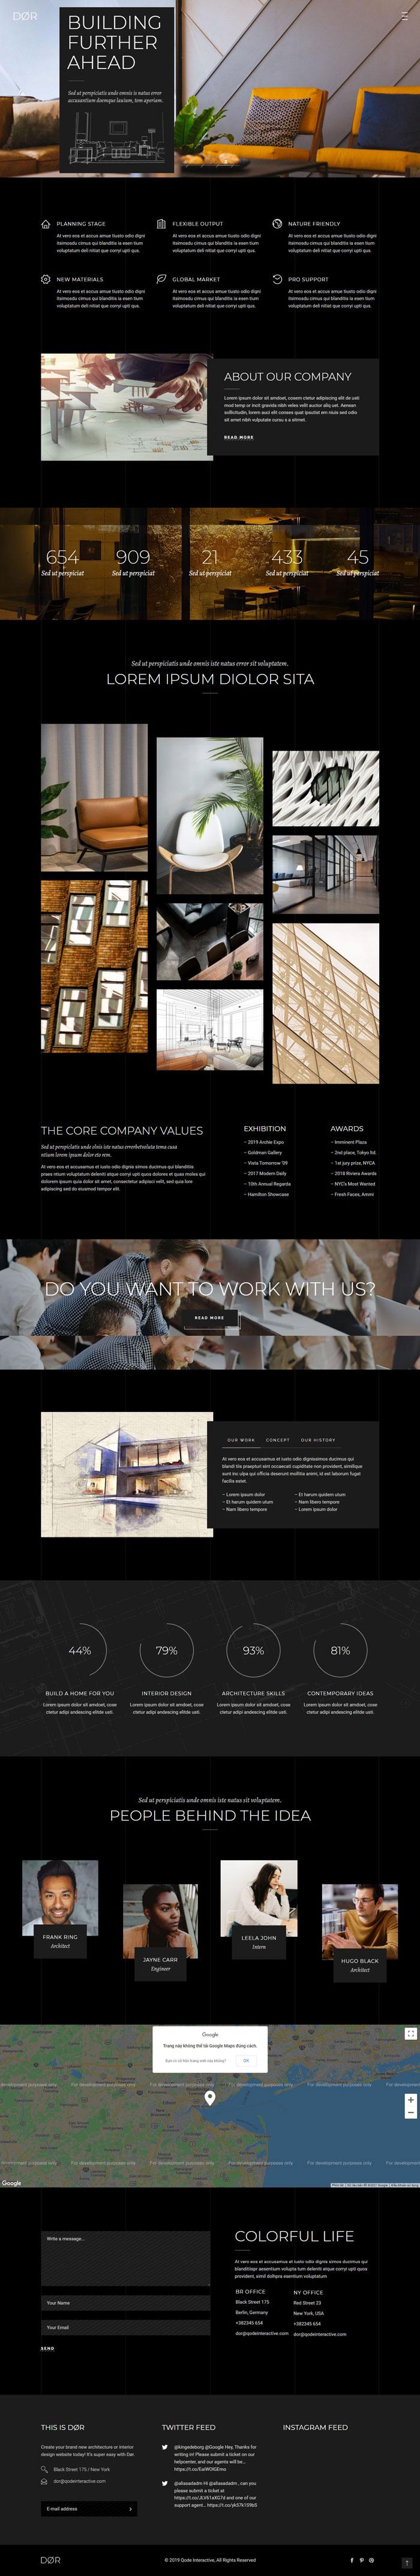 Mẫu website dịch vụ thiết kế nội thất - Dor